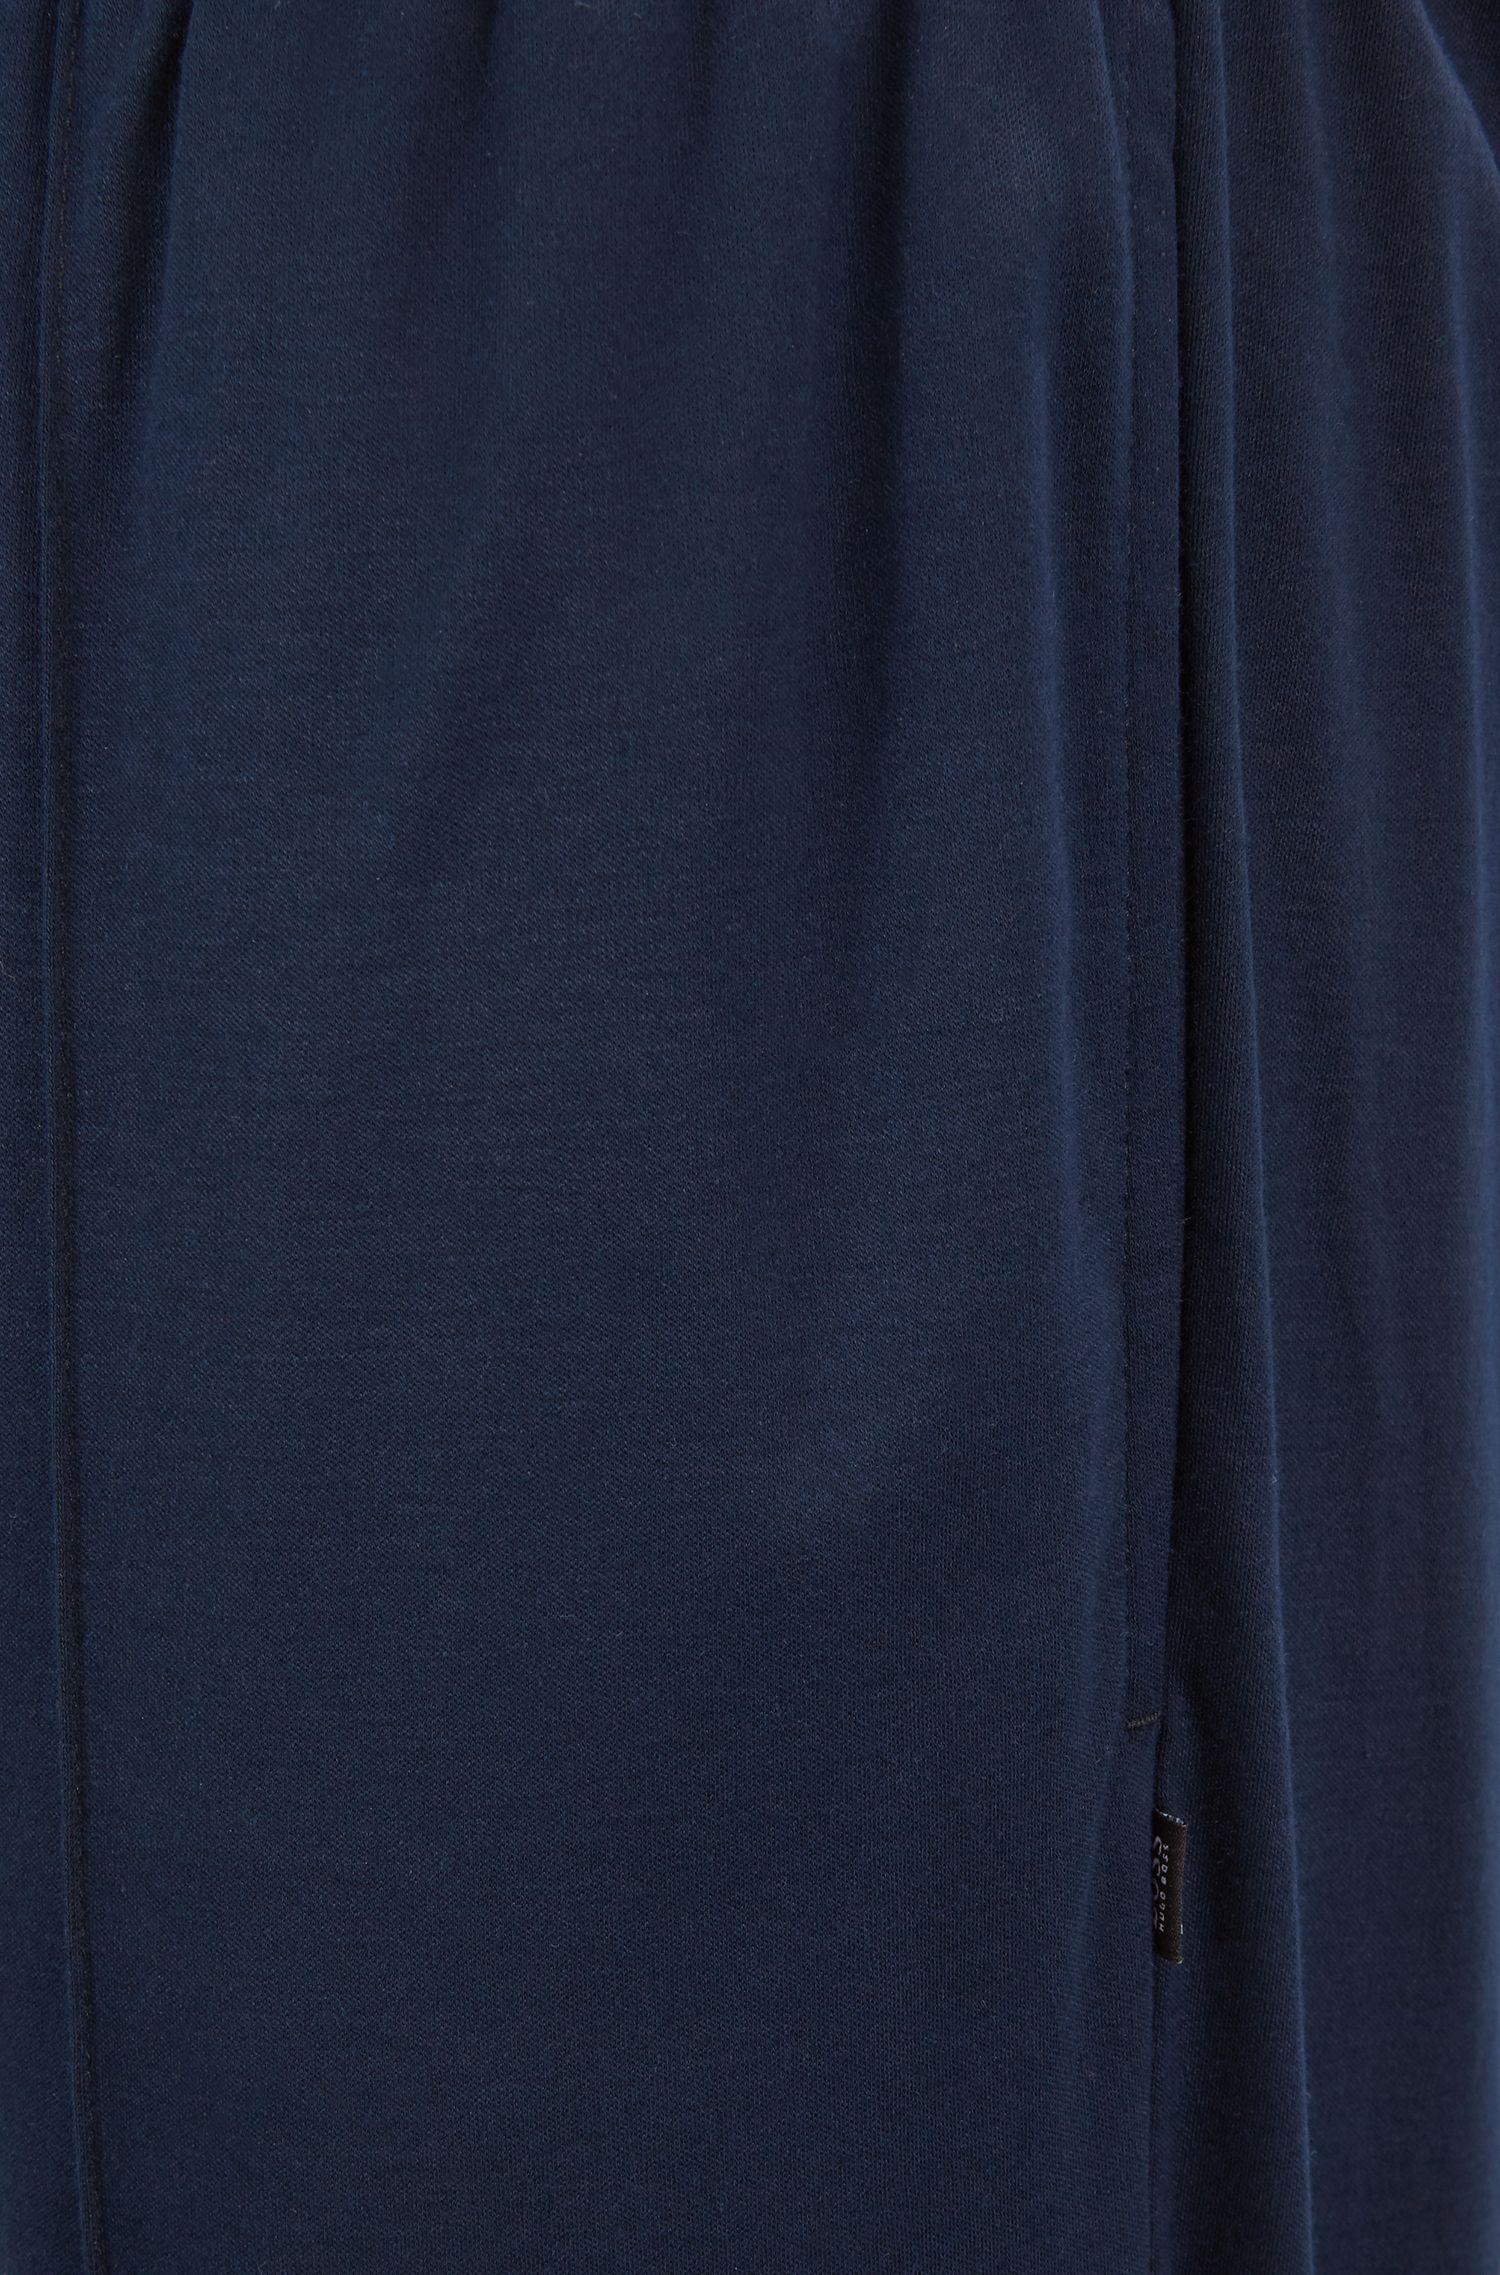 Pyjama trousers in an interlock cotton-modal blend